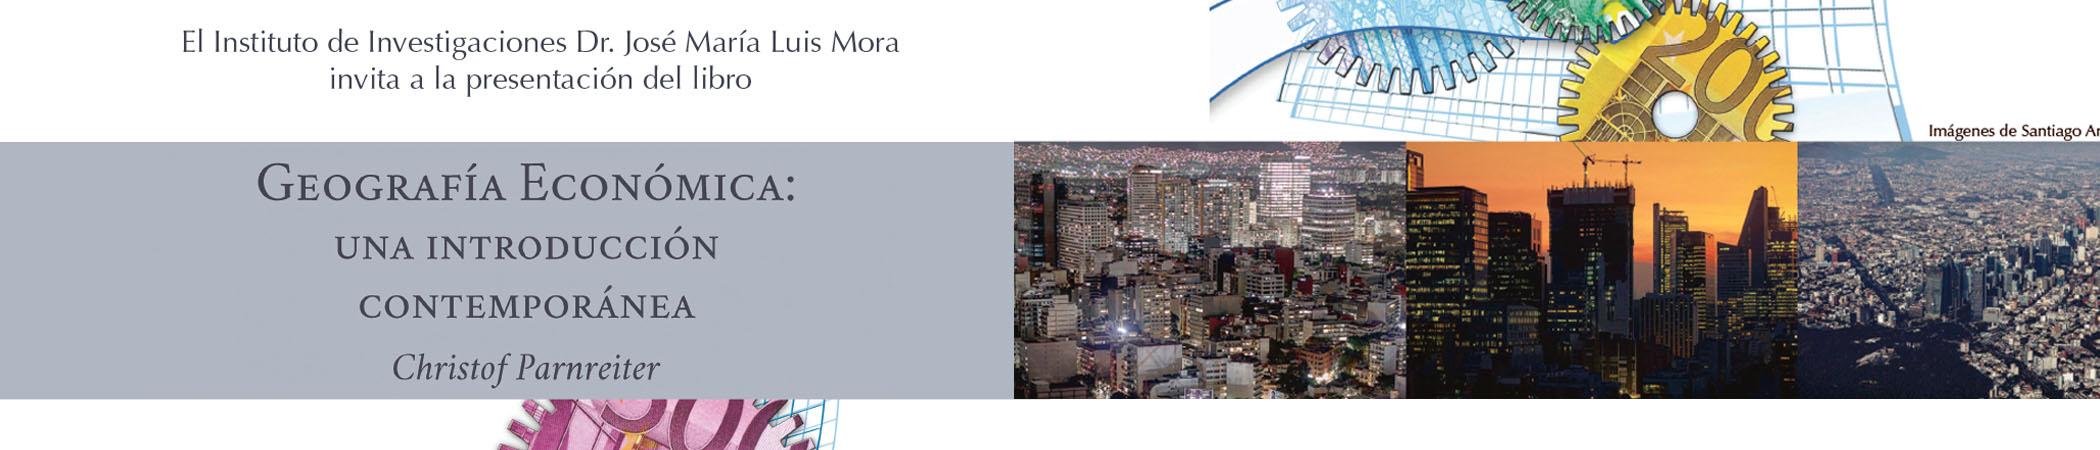 Presentación del libro Geografía Económica: una introducción contemporánea